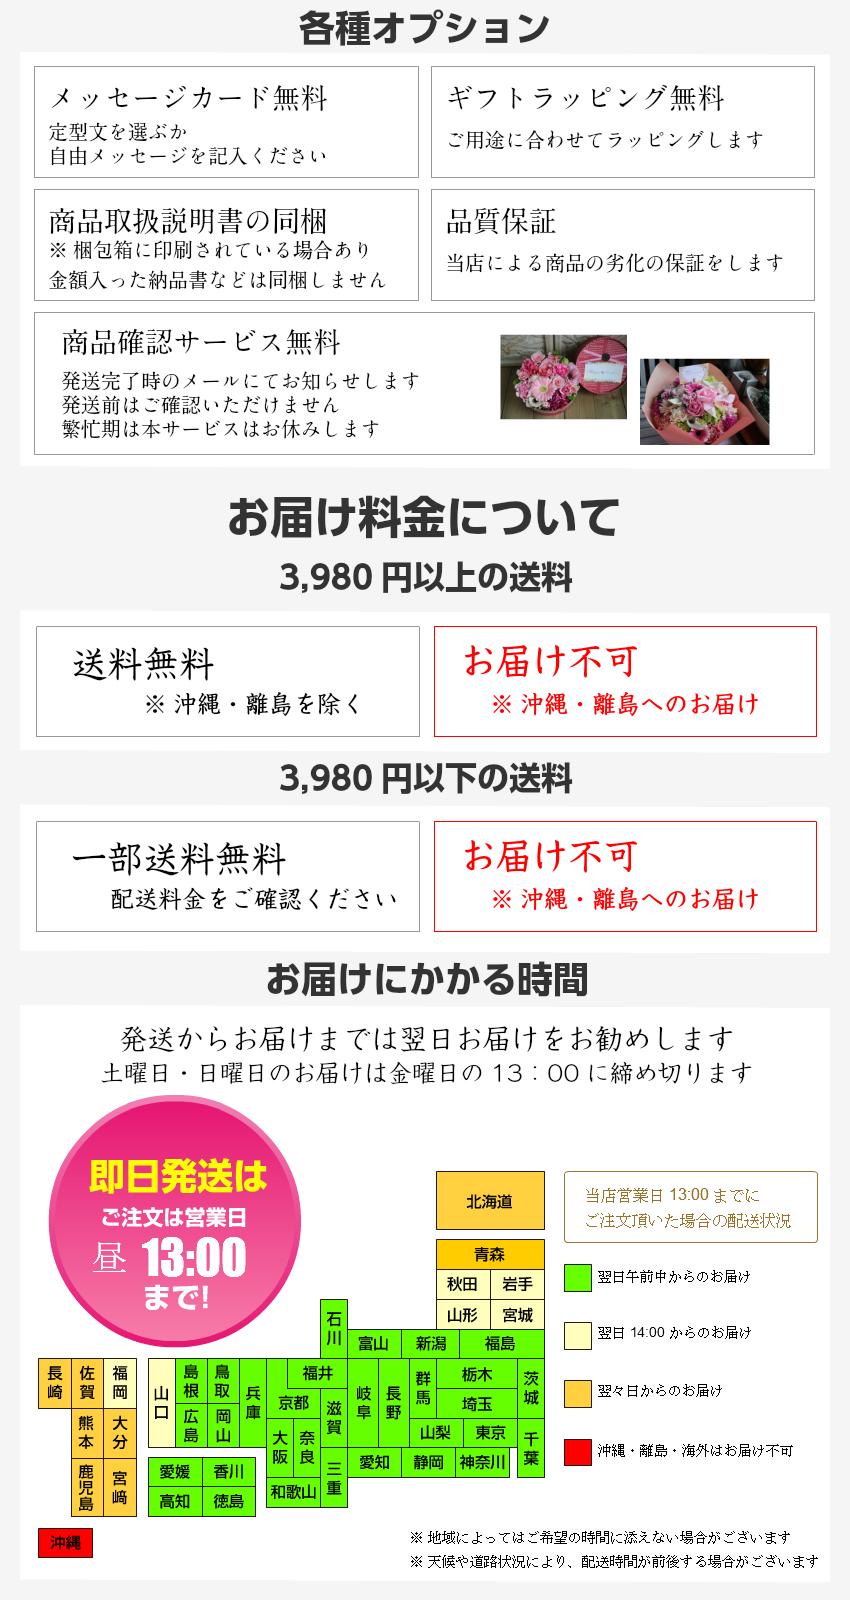 생일 축 하 장미 준비 꽃 선물 핑크/축/개점/신축/결혼/동정/은퇴/기념일